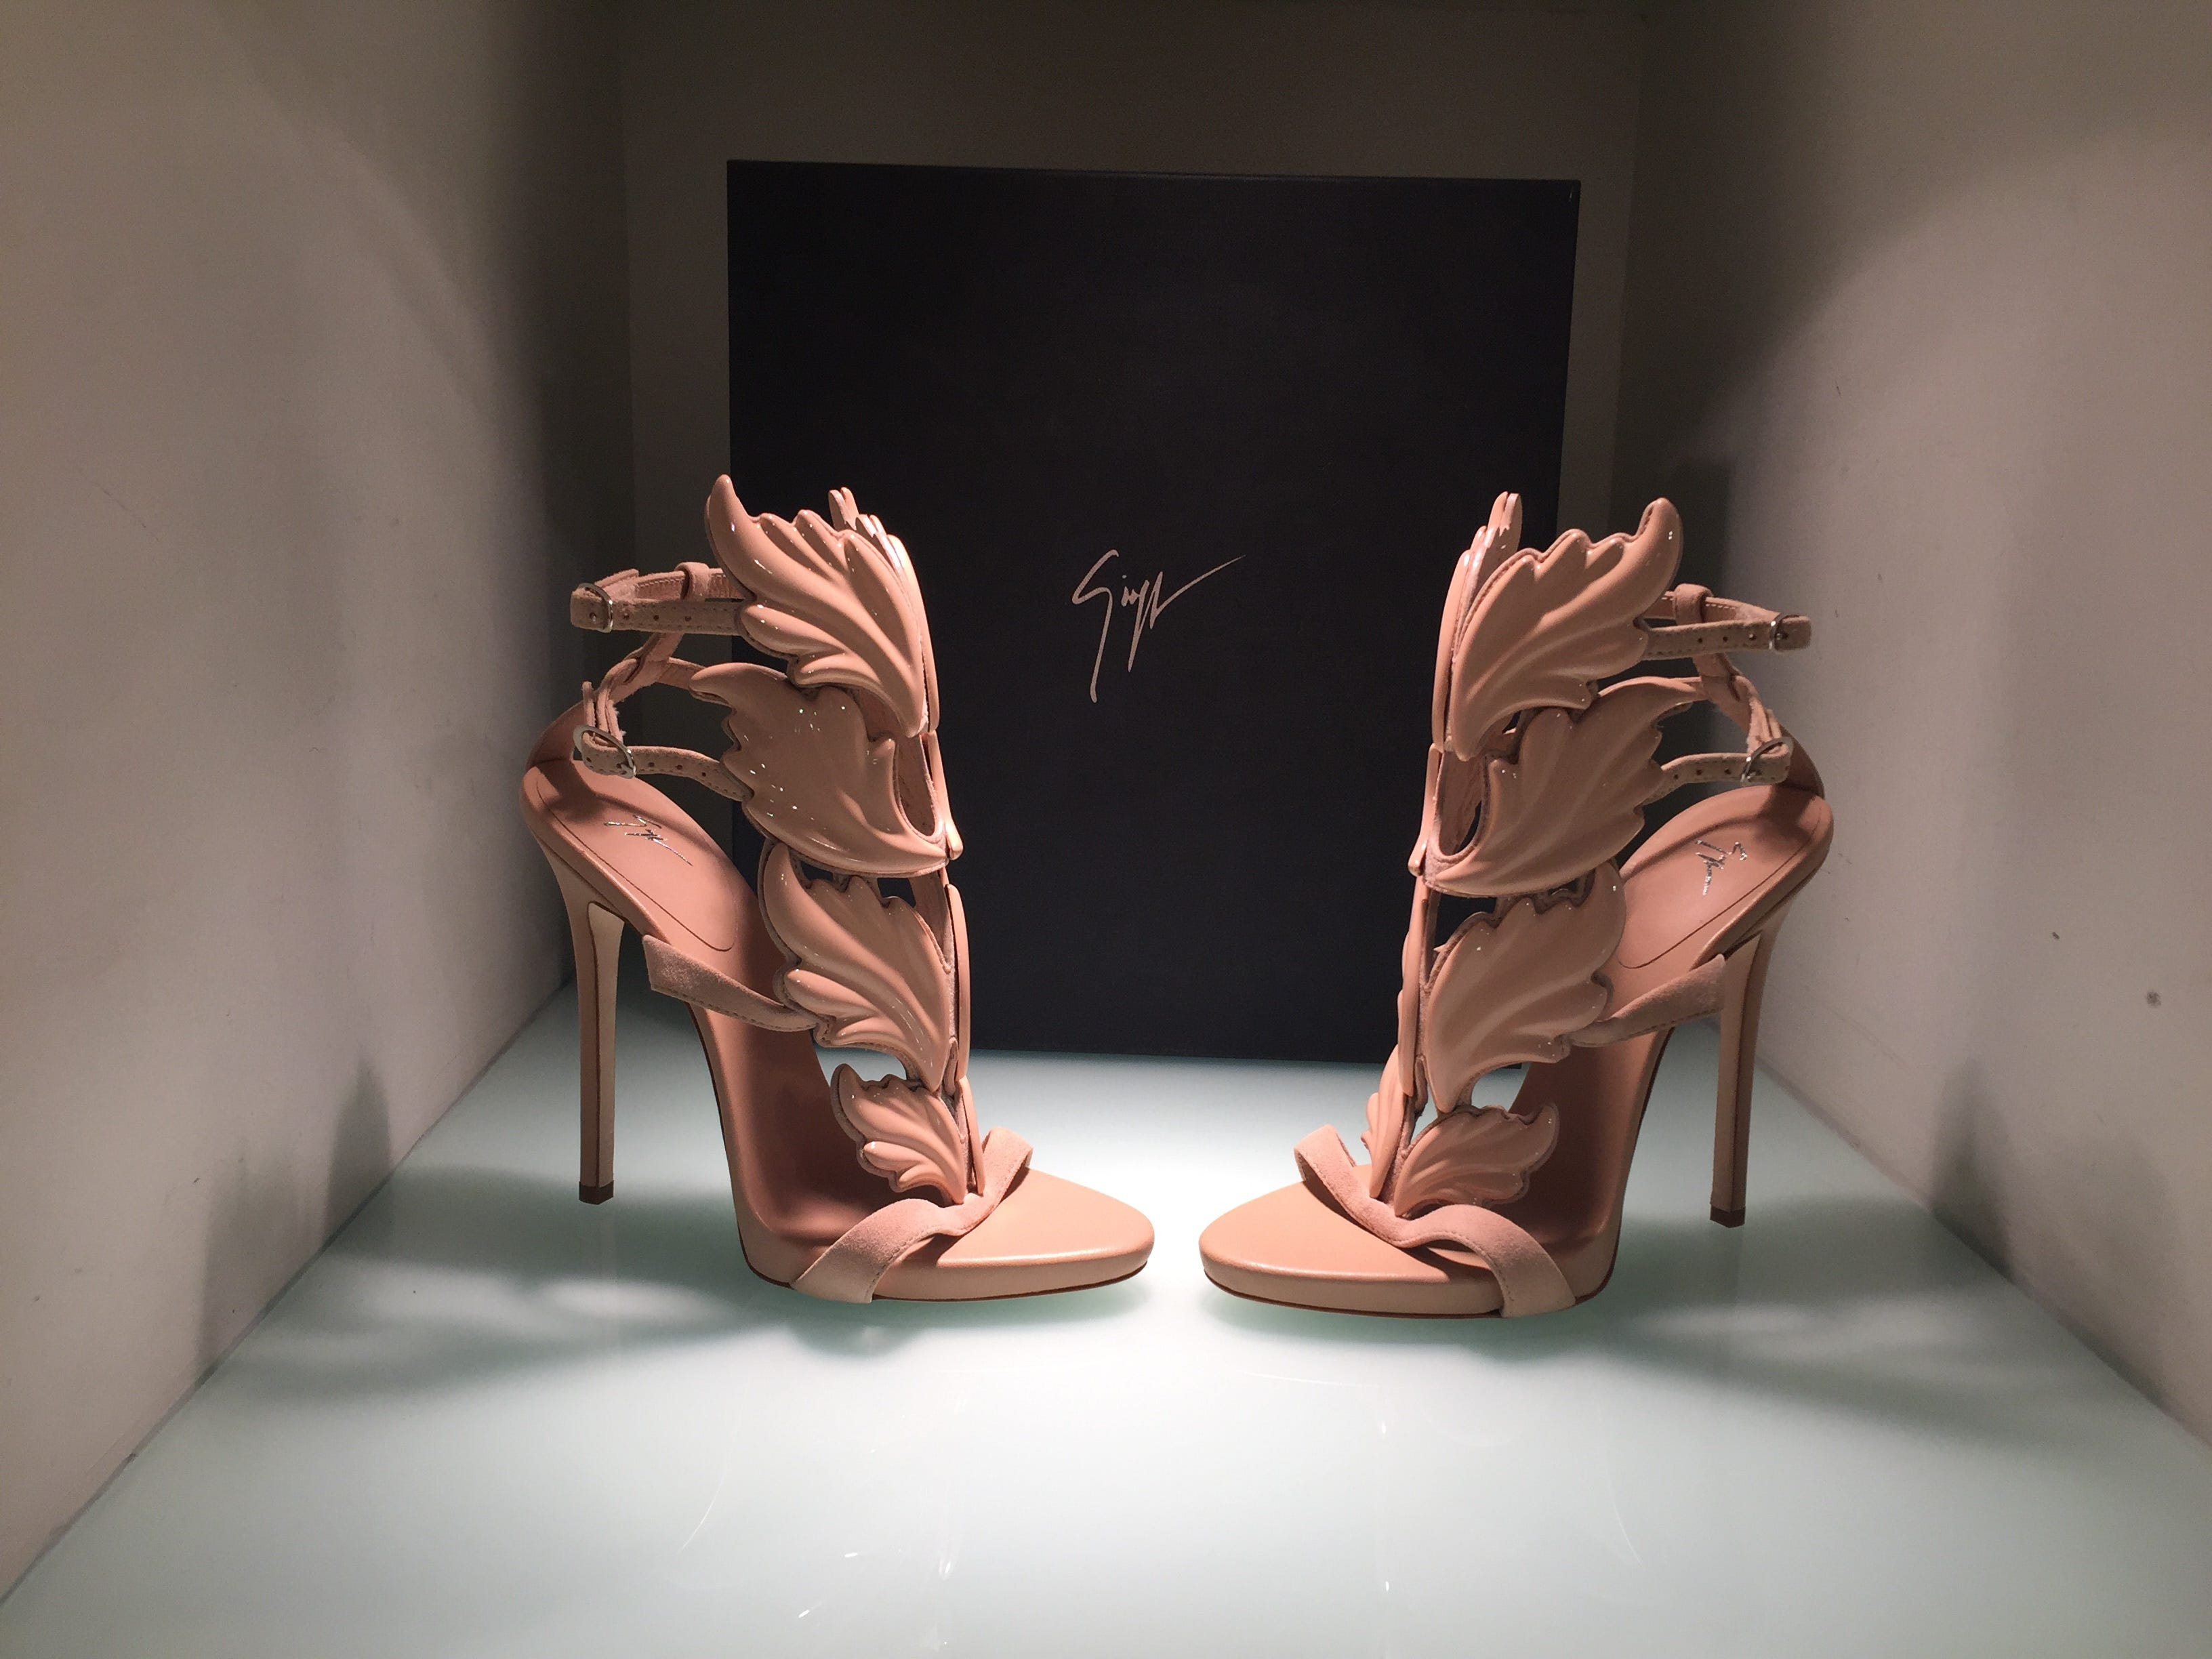 hot pink designer sandals